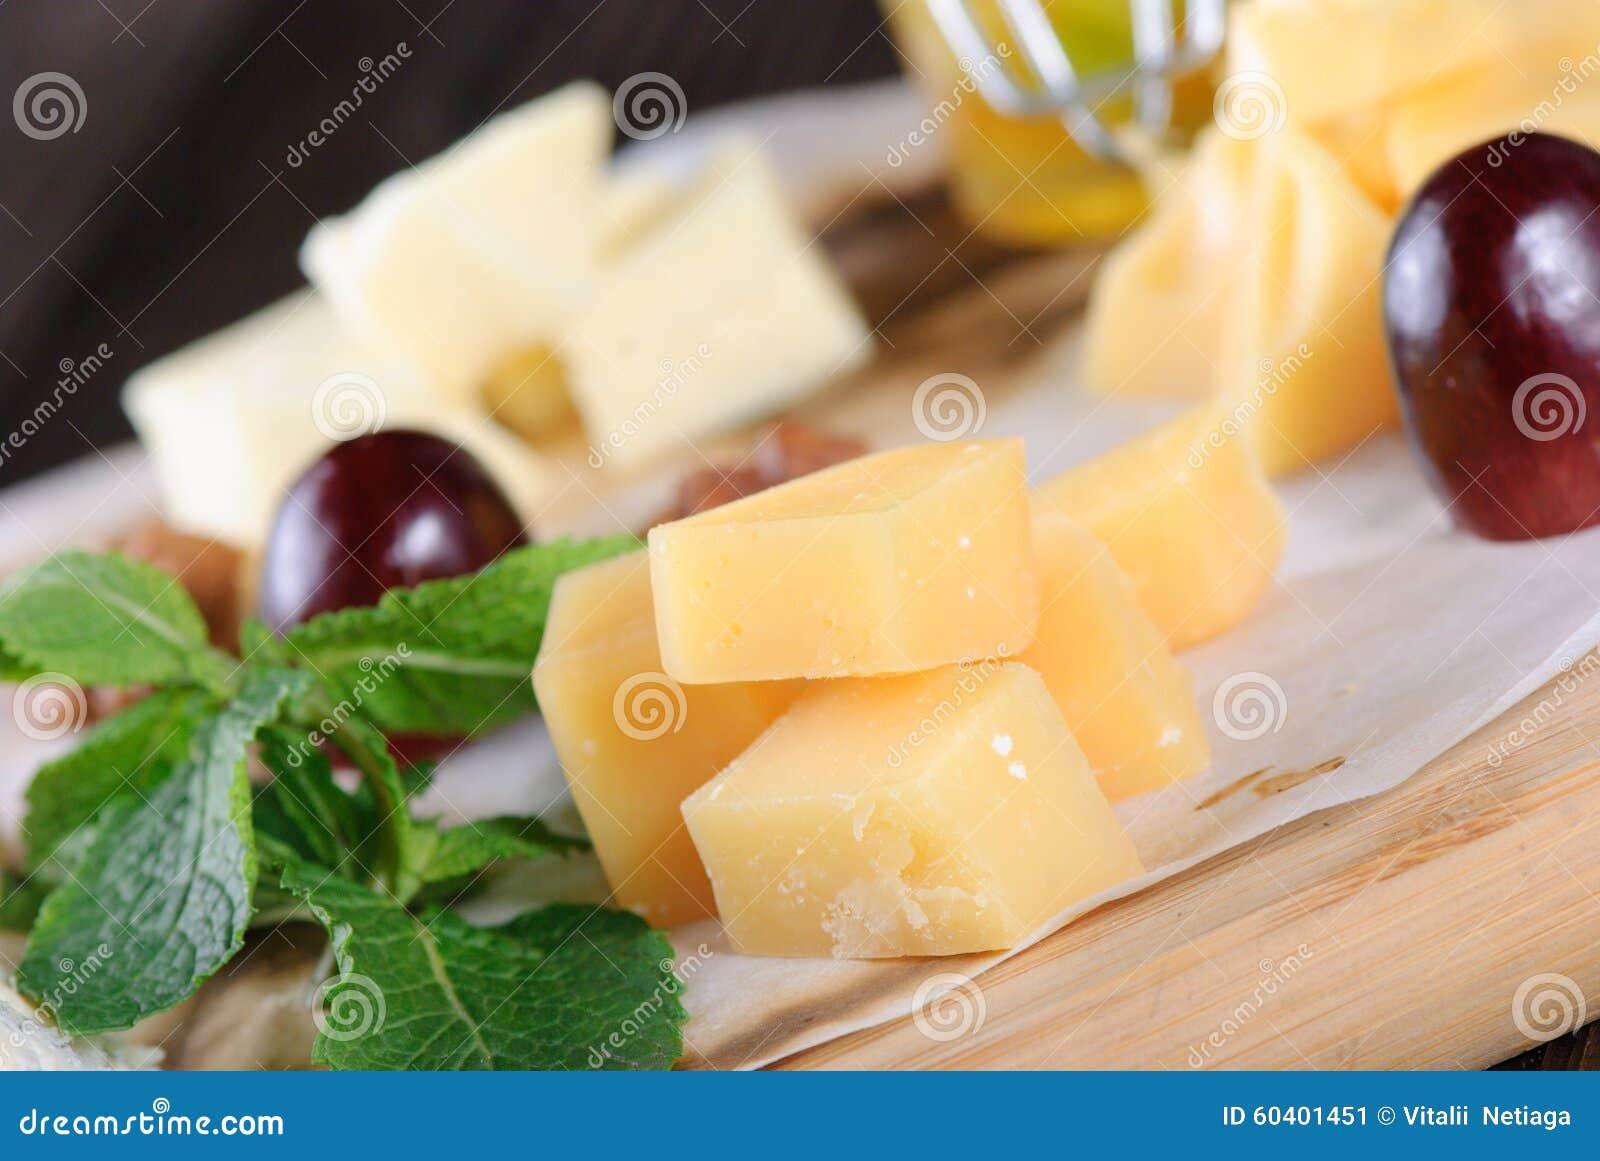 Geassorteerde kaas op een houten raad